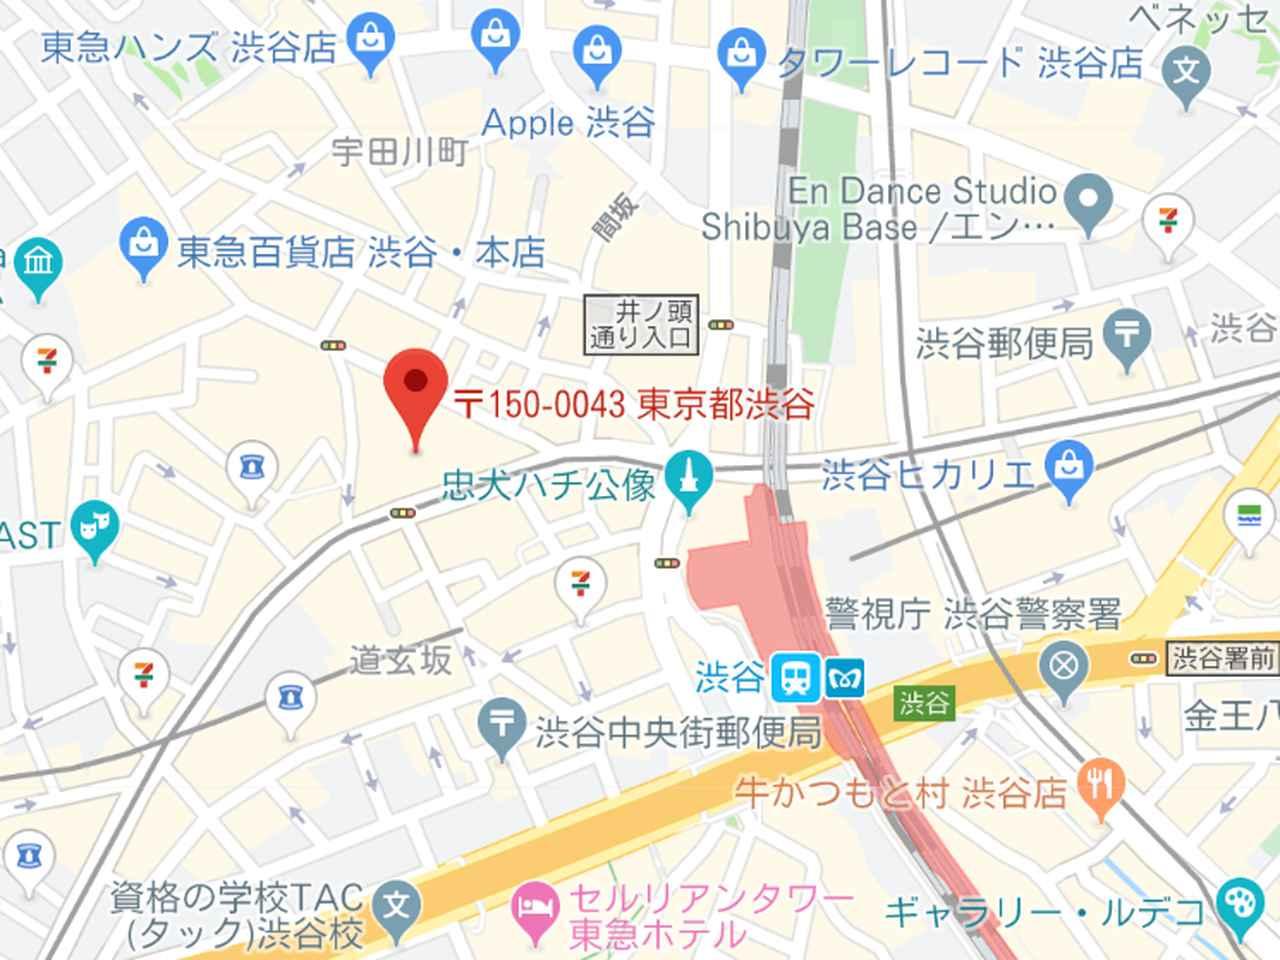 画像: eplus LIVING ROOM CAFE&DINING 〒150-0043 東京都渋谷区道玄坂2-29-5 渋谷プライム5F 地下鉄1番出口(11/1~「A0出口」に名称変更)から直通エレベーターで5階。地上からは109横、ユニクロ渋谷道玄坂店の入っているプライムビルにおこしください。 livingroomcafe.jp